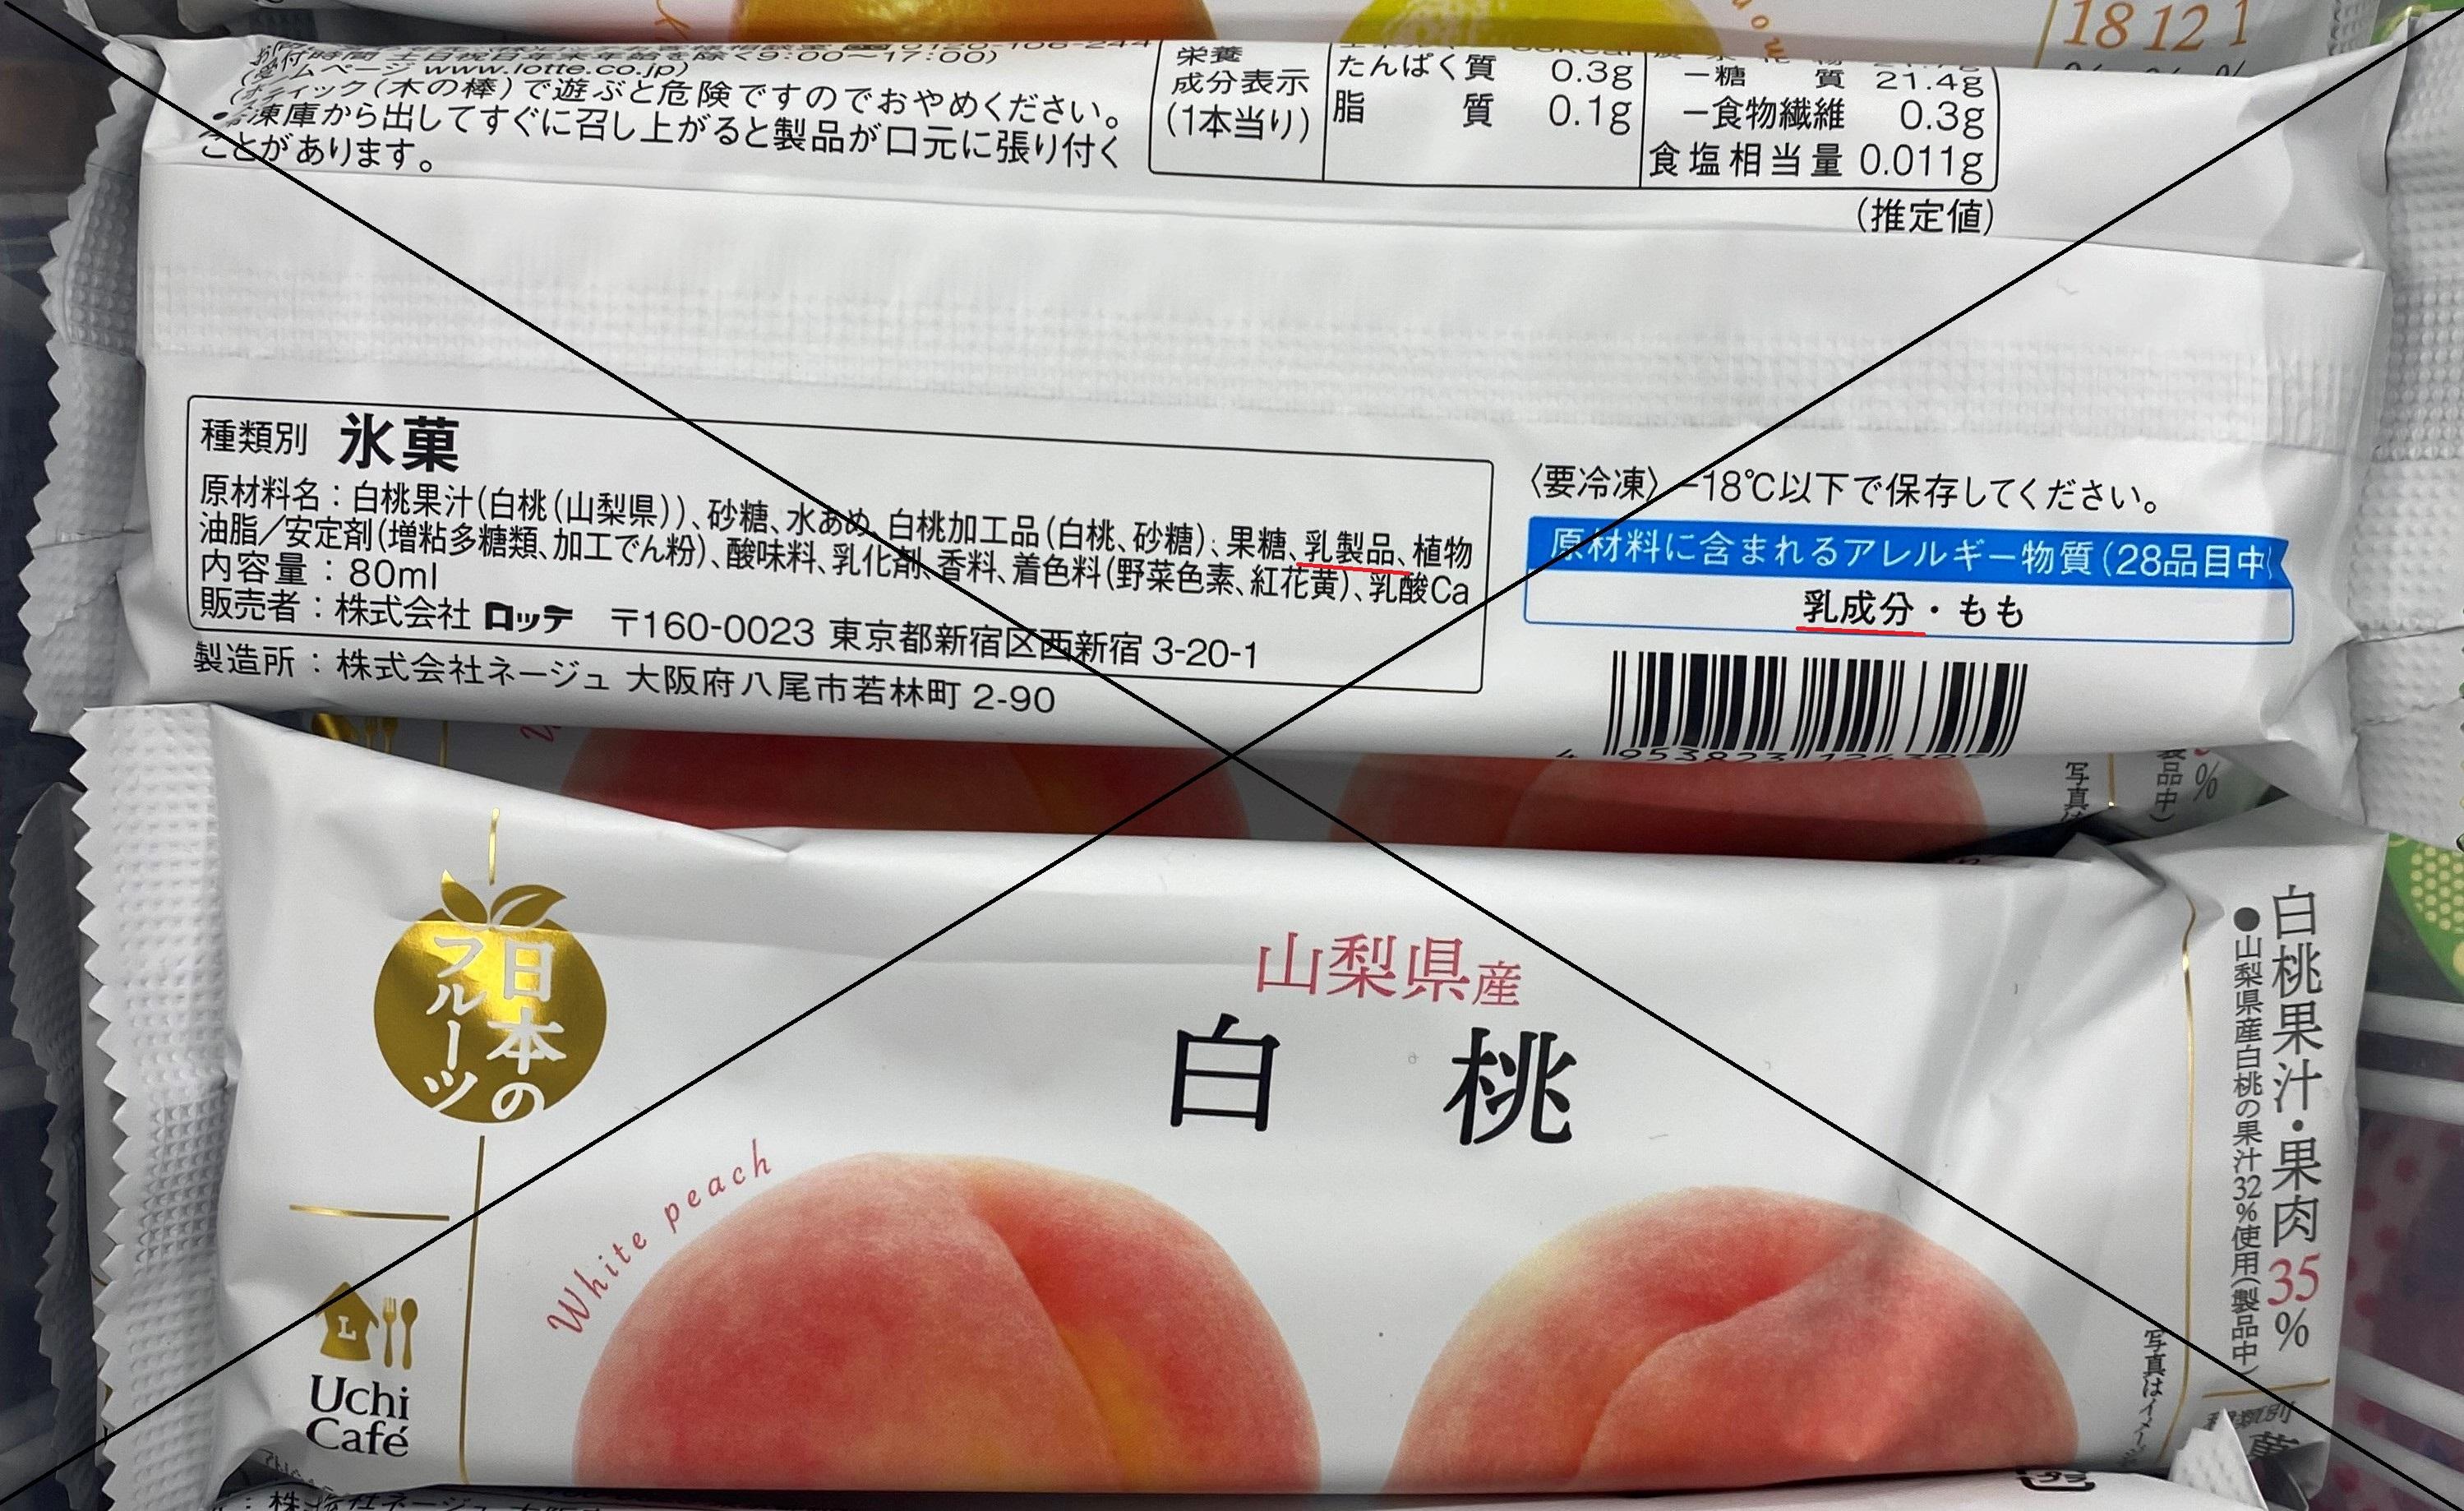 Lawson Uchi Cafe Japanese Fruits White Peach